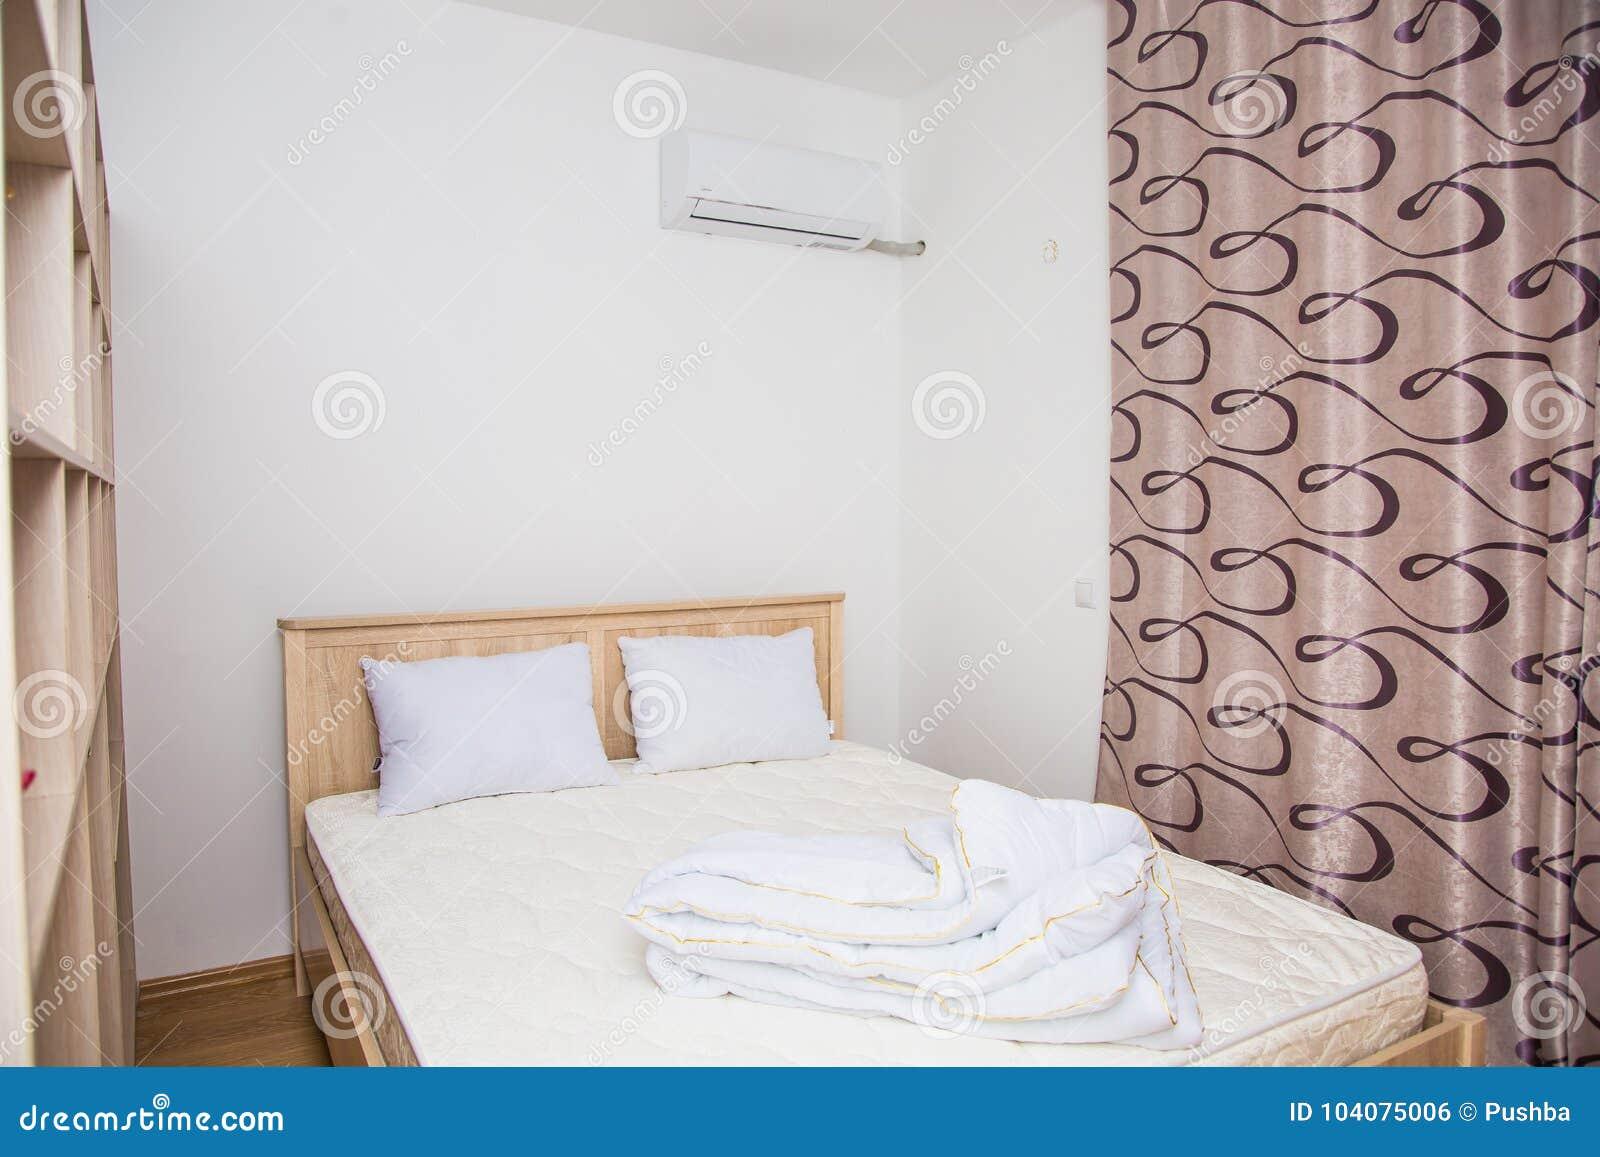 Camera Da Letto Stile Minimalista : Una camera da letto nello stile minimalista con un letto e un